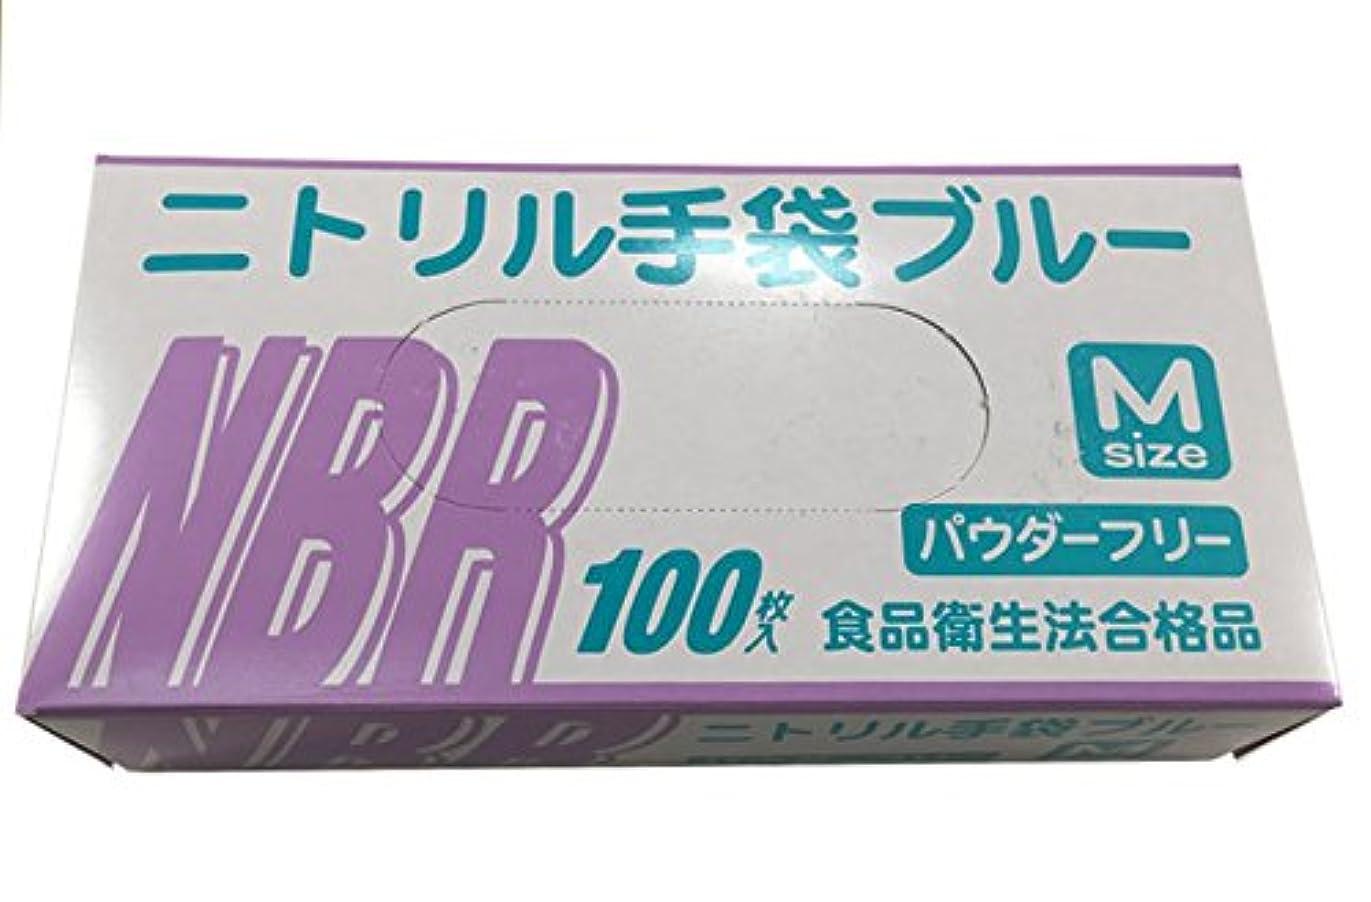 うめき期待心配する使い捨て手袋 ニトリル グローブ ブルー 食品衛生法合格品 粉なし 100枚入×20個セット Mサイズ